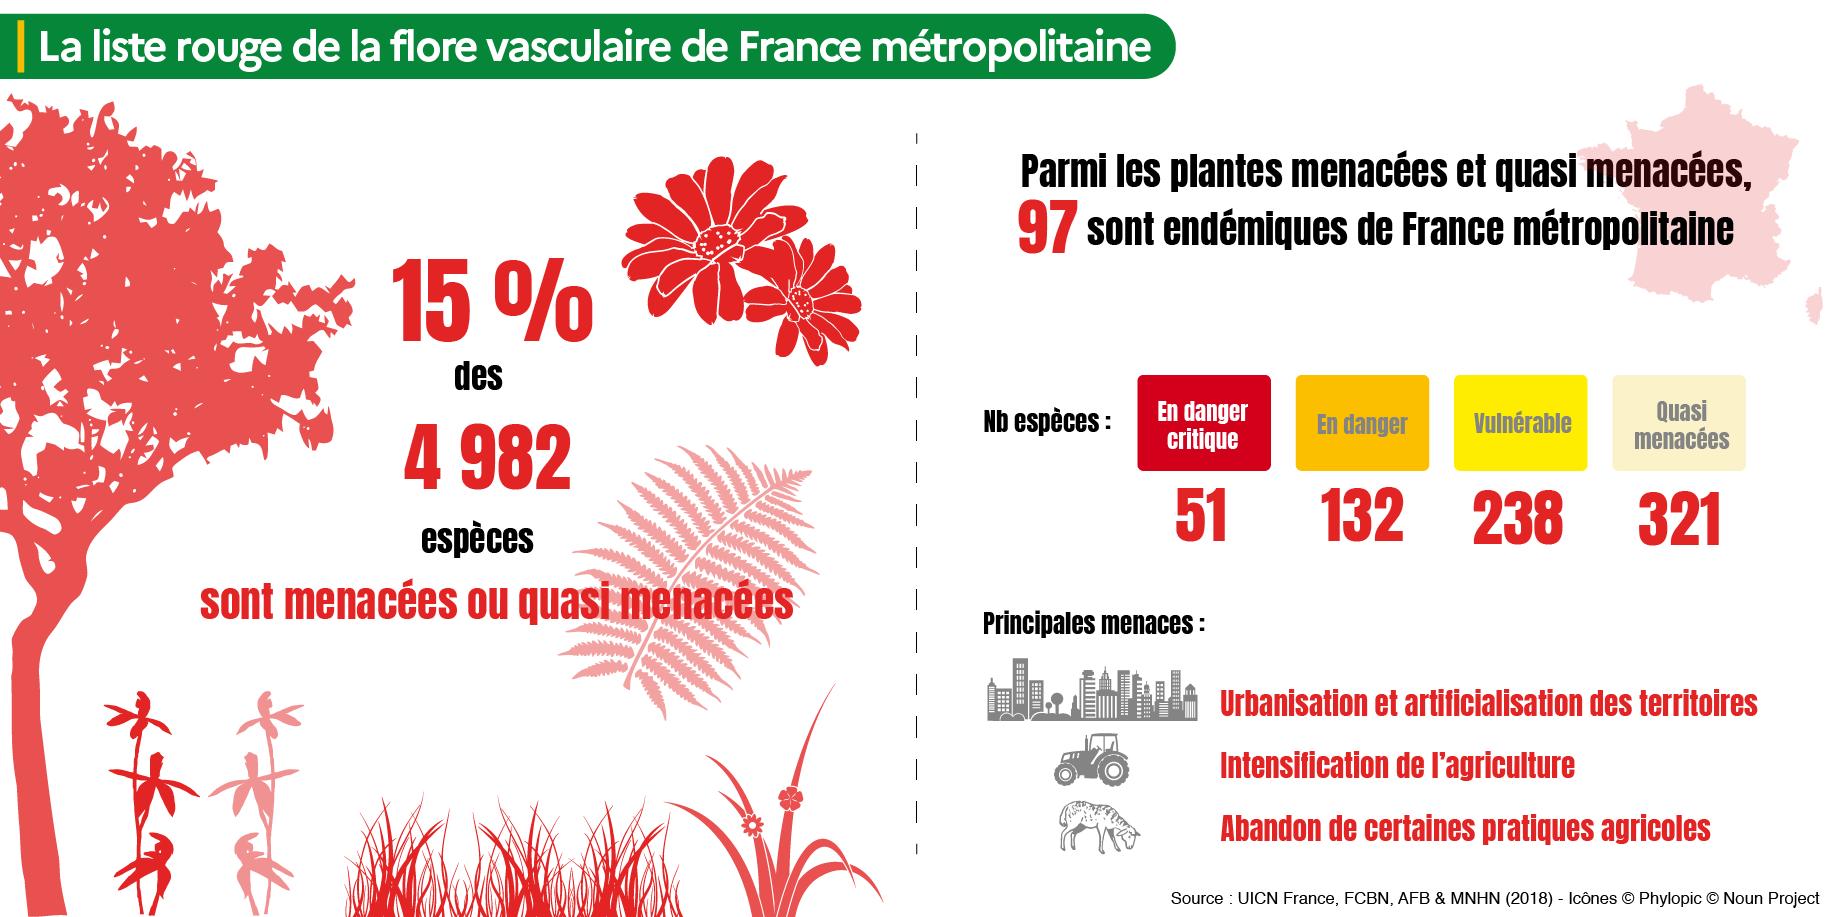 Infographie UICN sur la liste rouge de la flore vasculaire de France métropolitaine